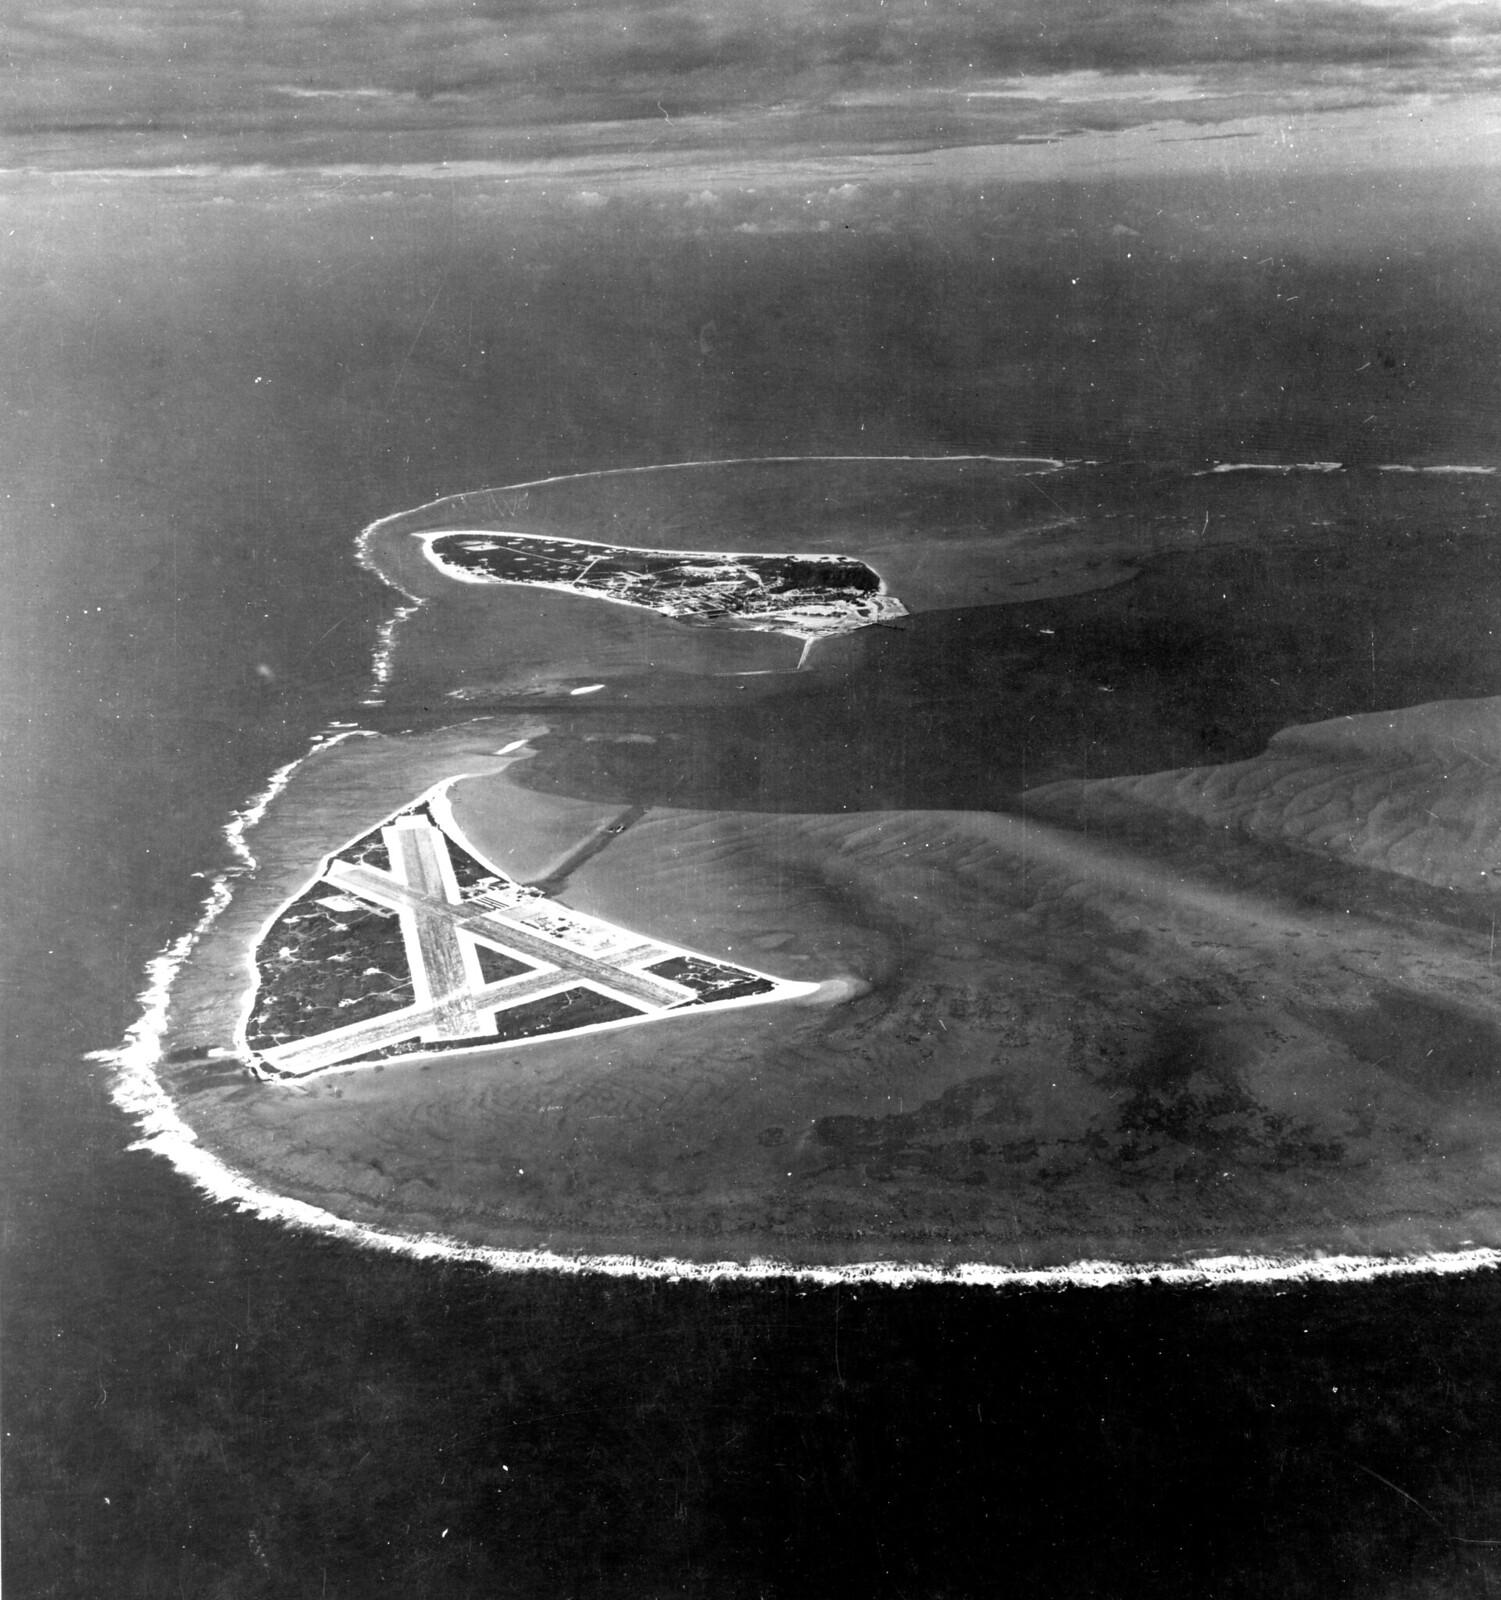 Midway Atoll, November 1941